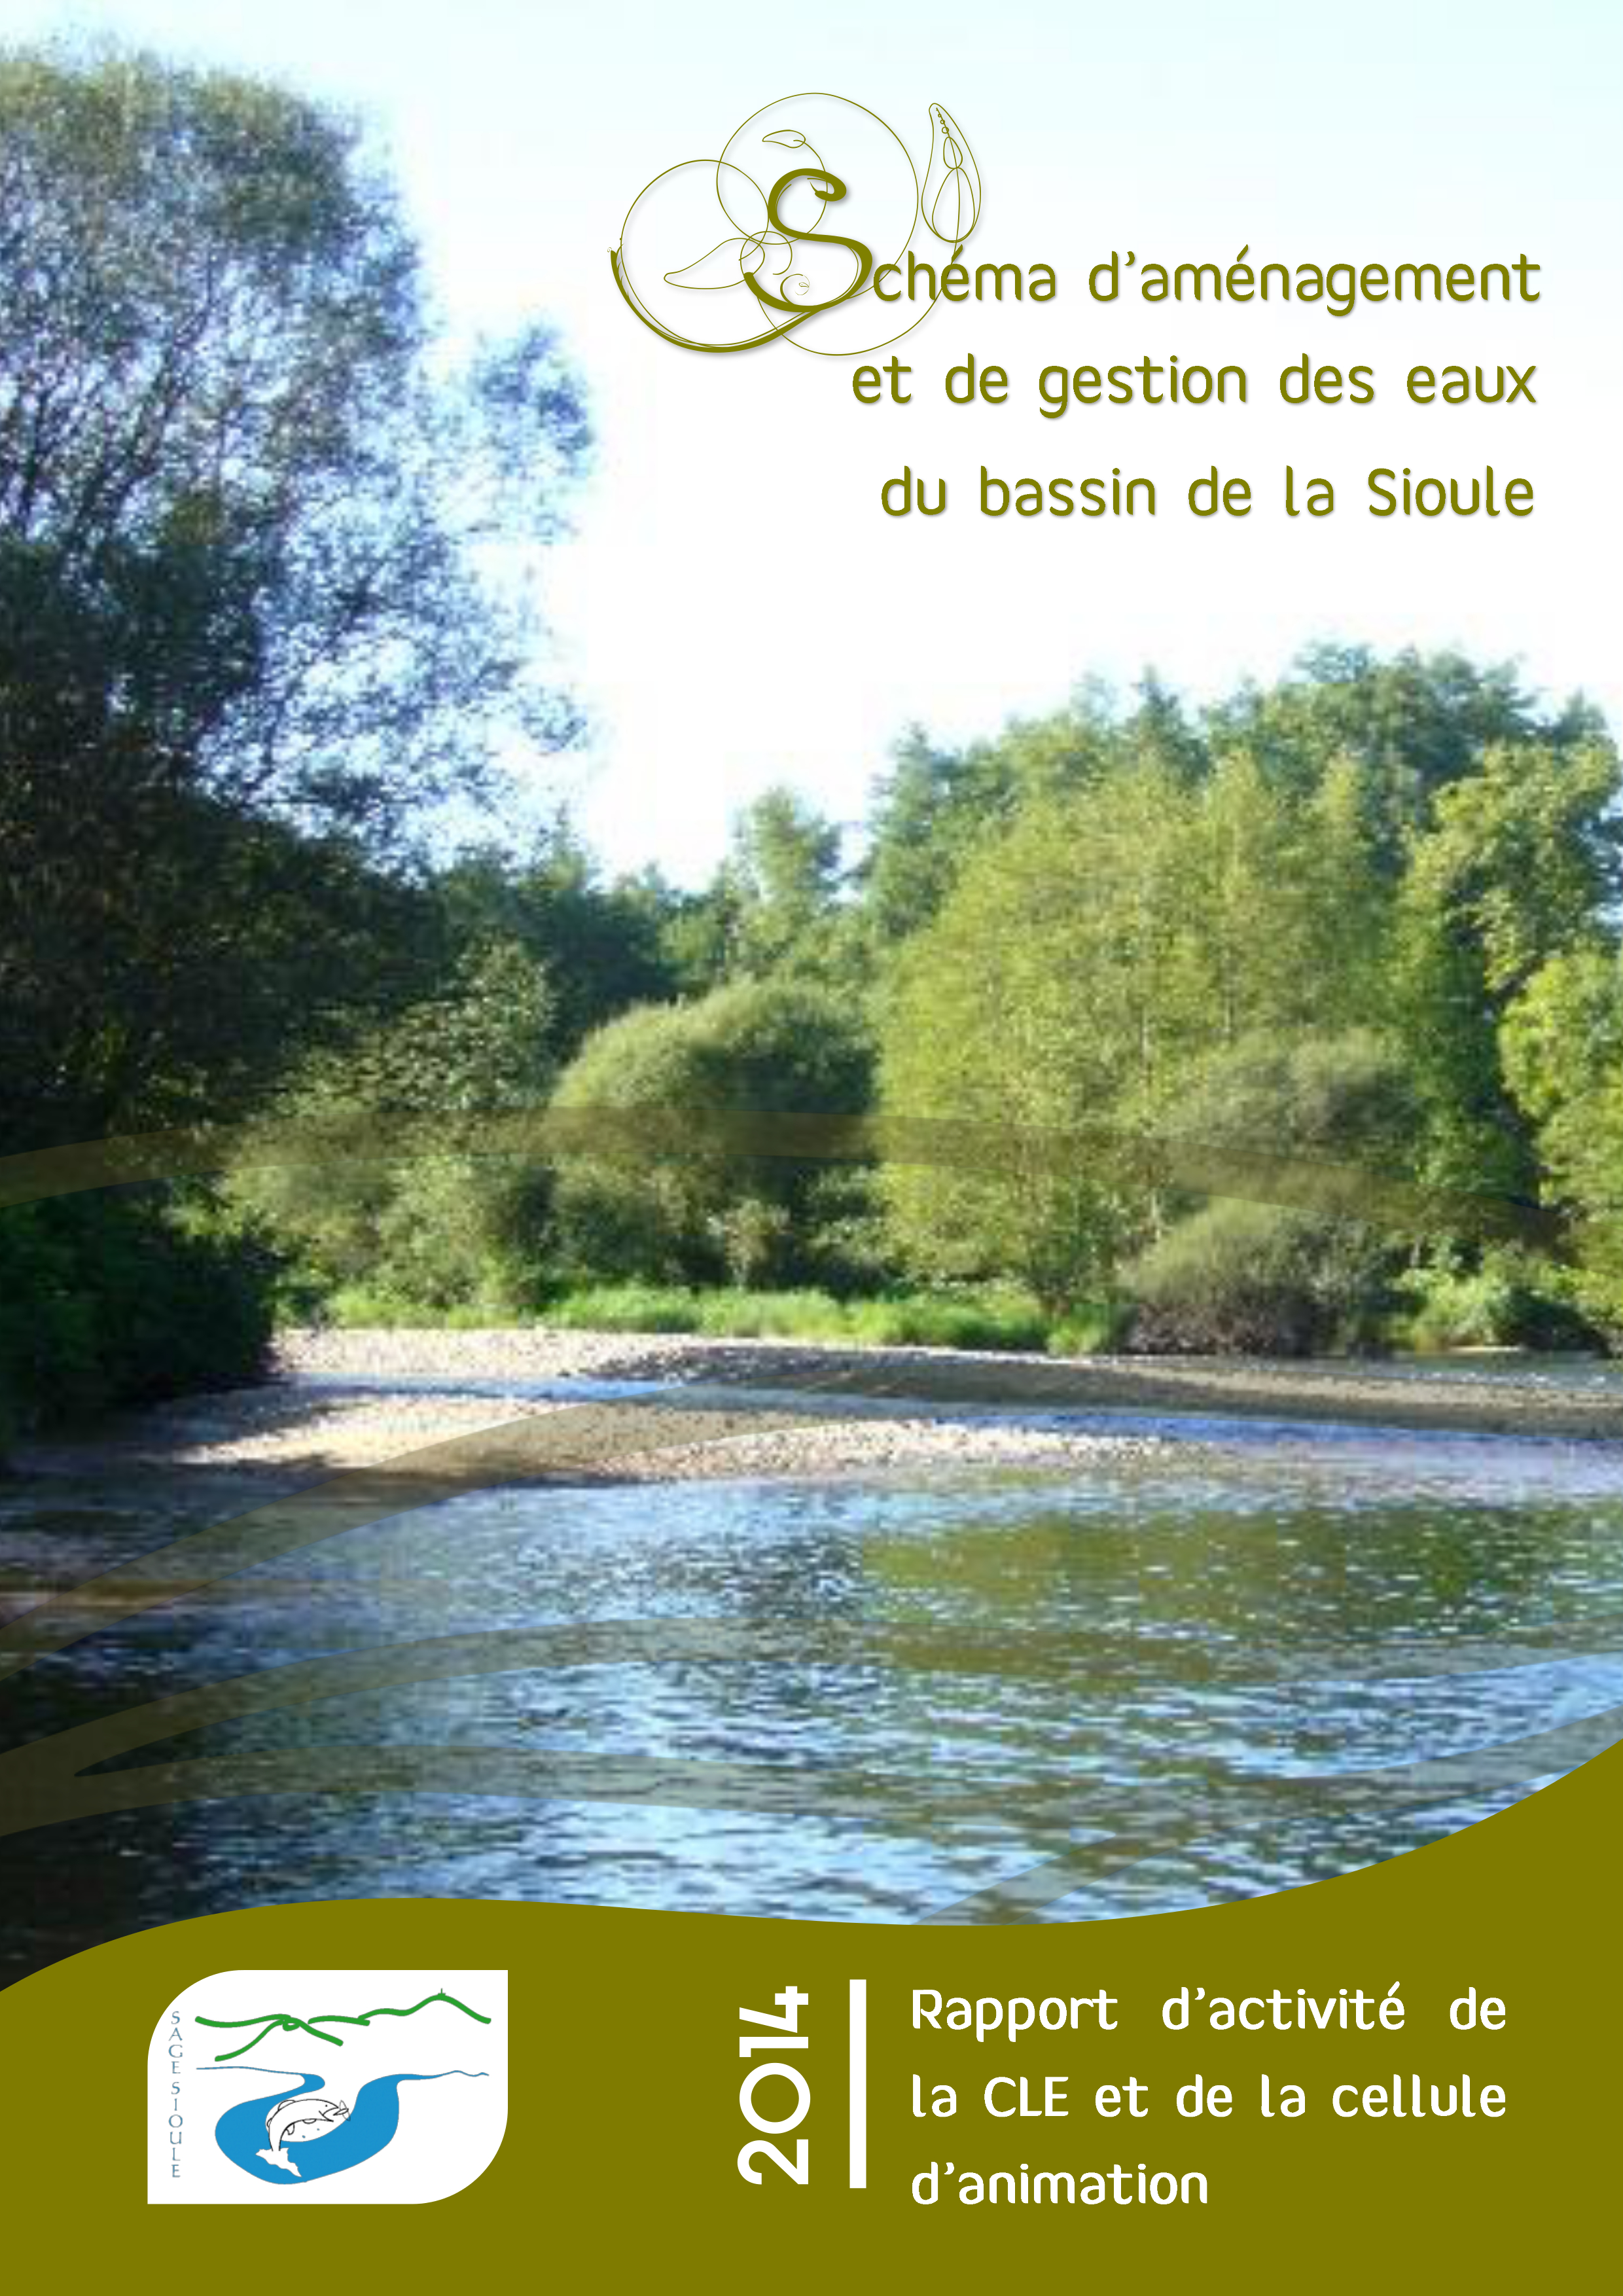 2014 - Rapport d'activité CLE image